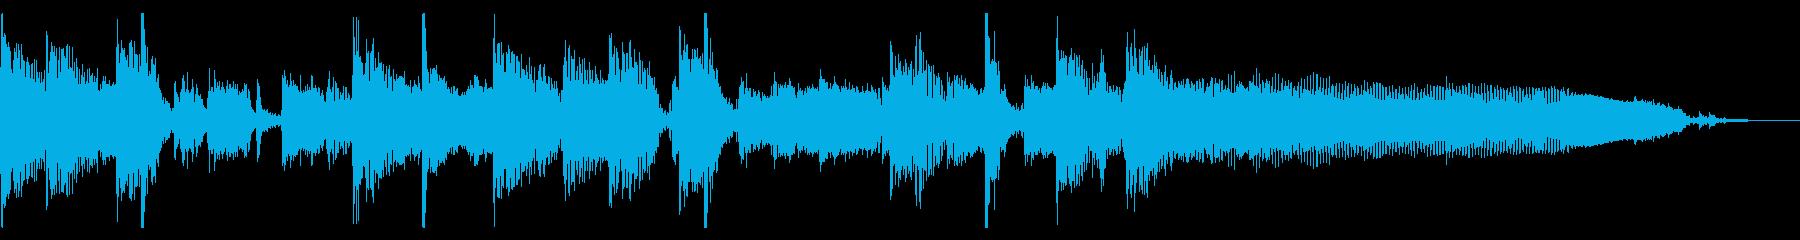 生演奏ギターカッティングのジングルの再生済みの波形